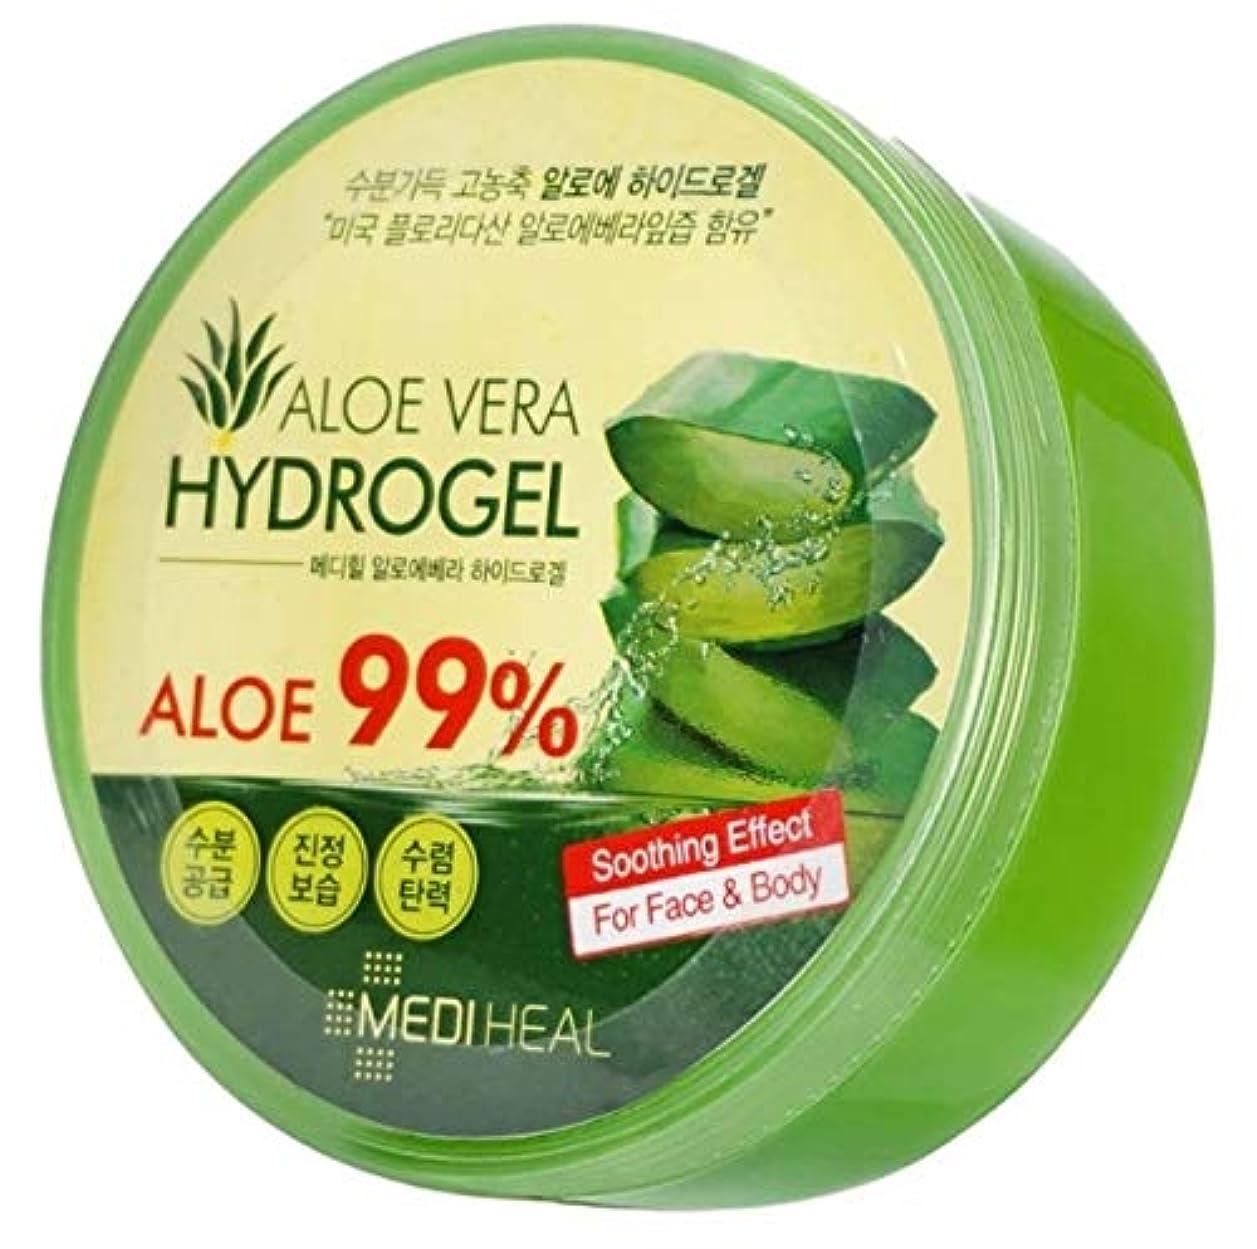 服途方もない国民投票Mediheal メディヒール Skin Soothing なだめるような & Moisture 水分 99% Aloe アロエ Vera Hydro Gels ハイドロゲル